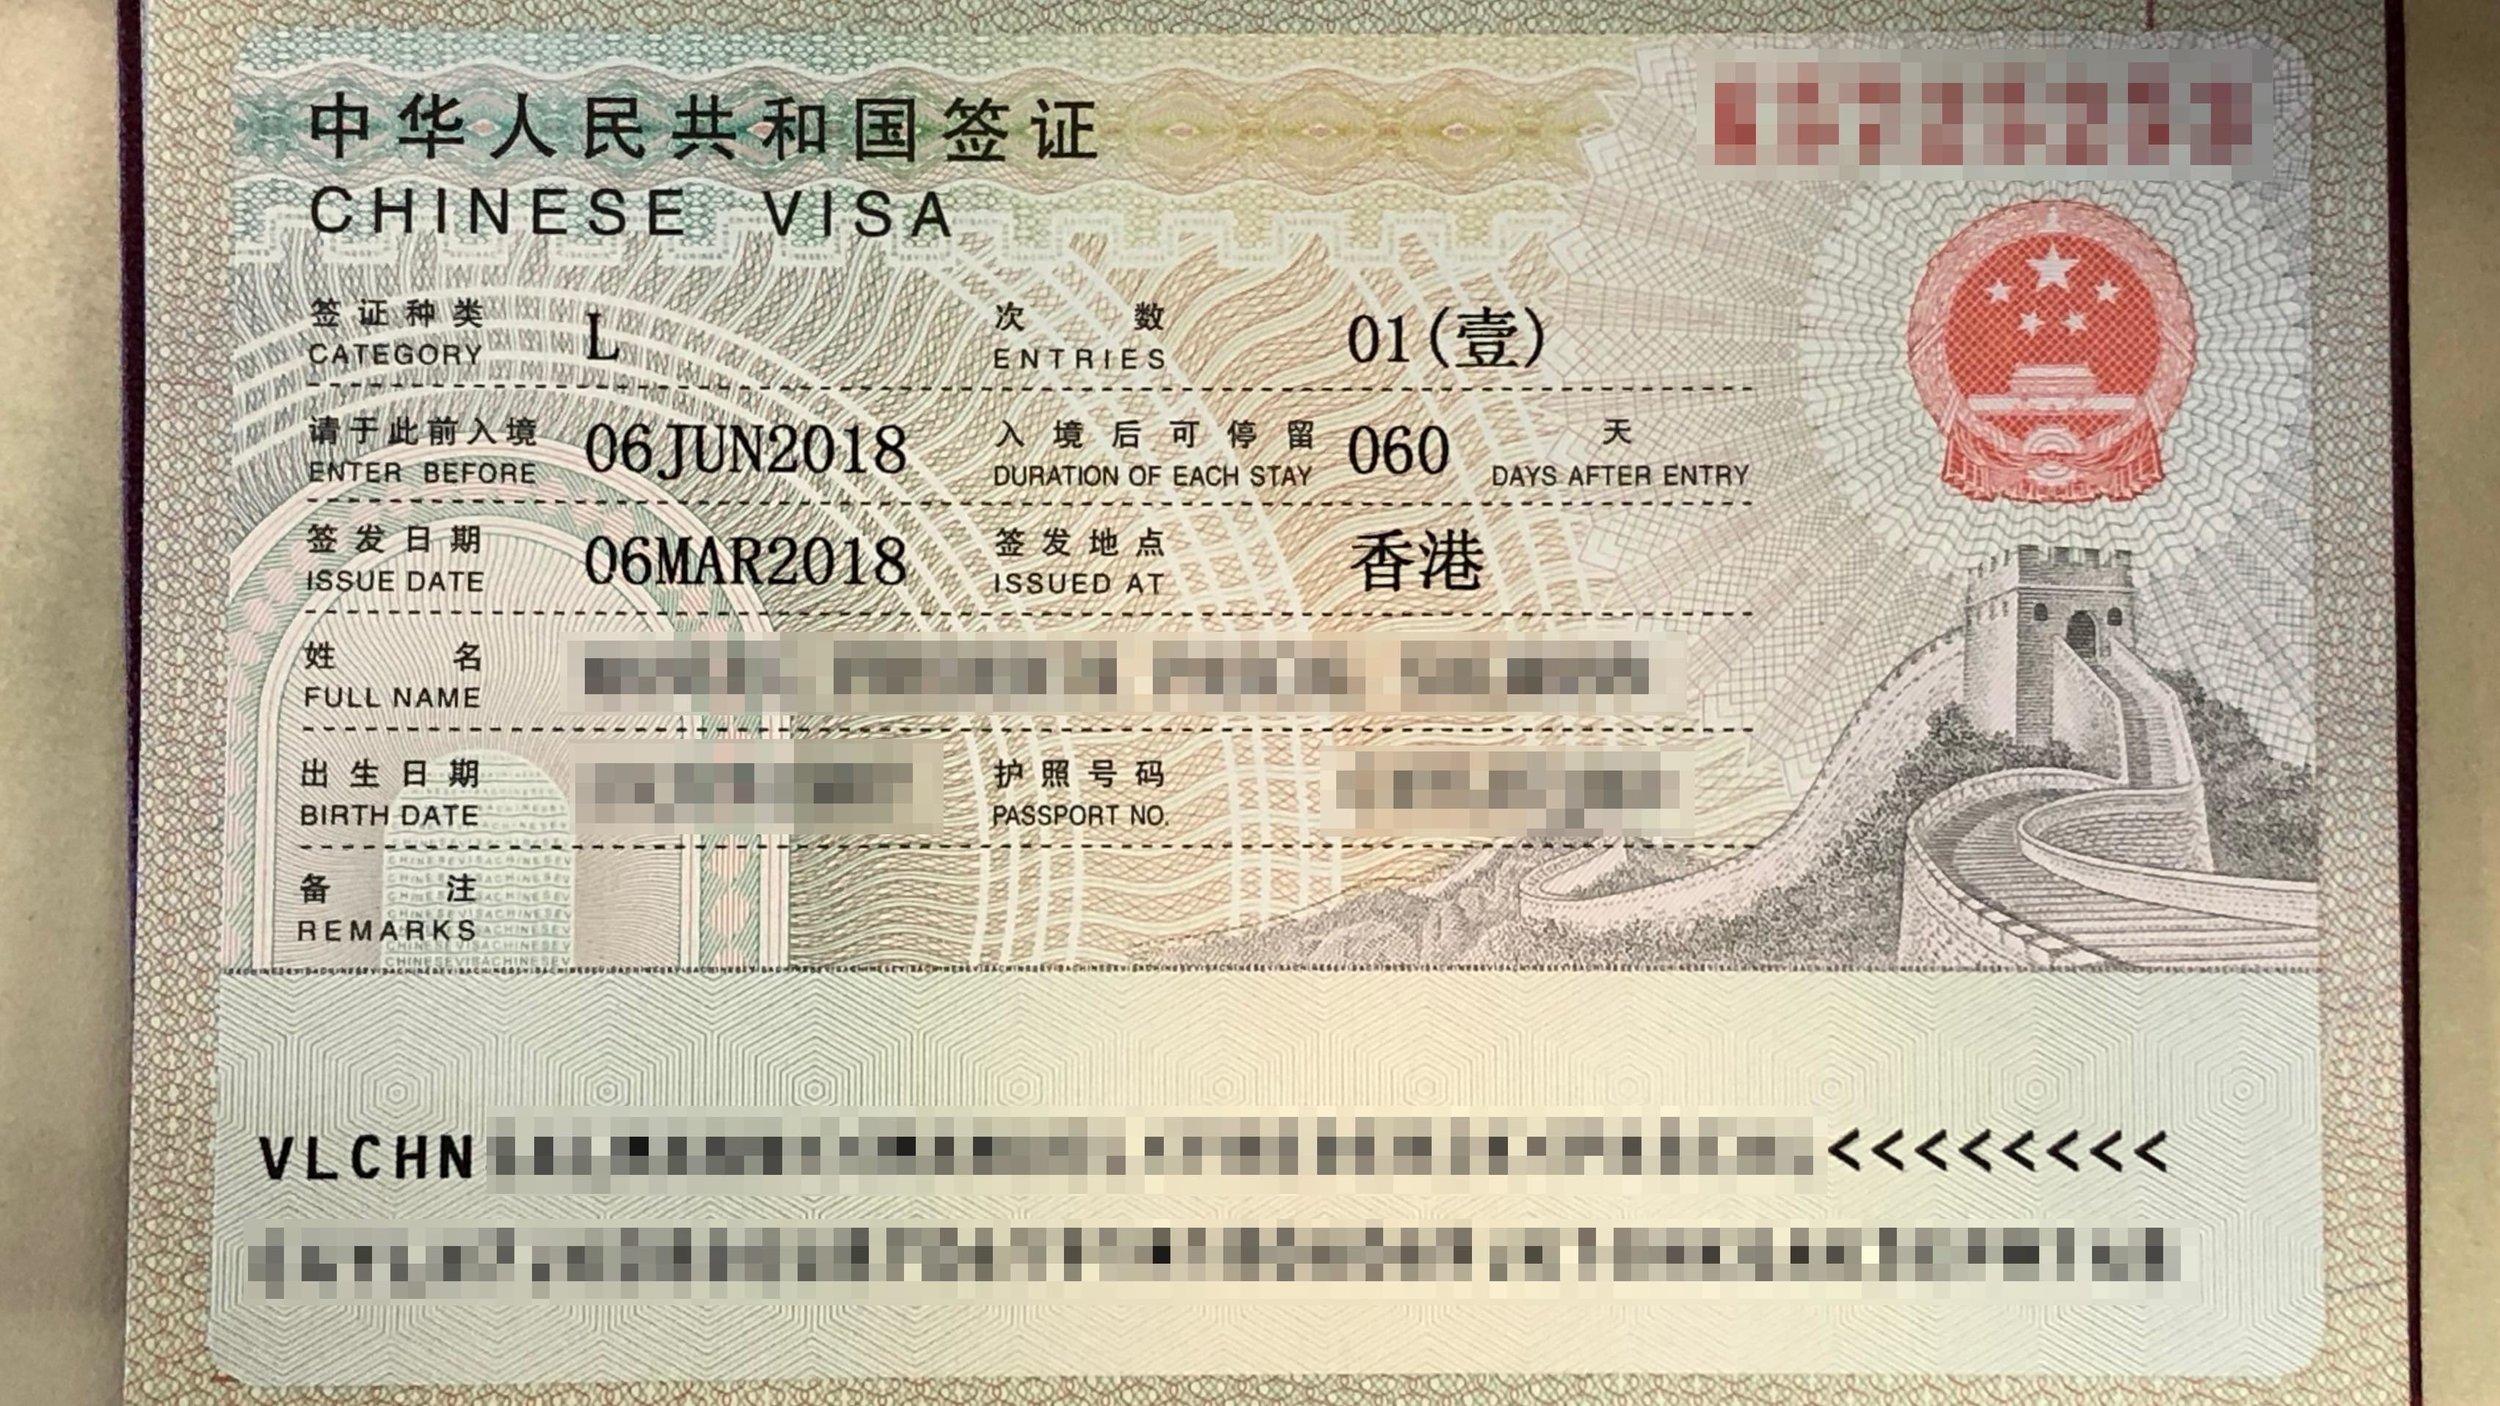 So sieht das Visum für China aus